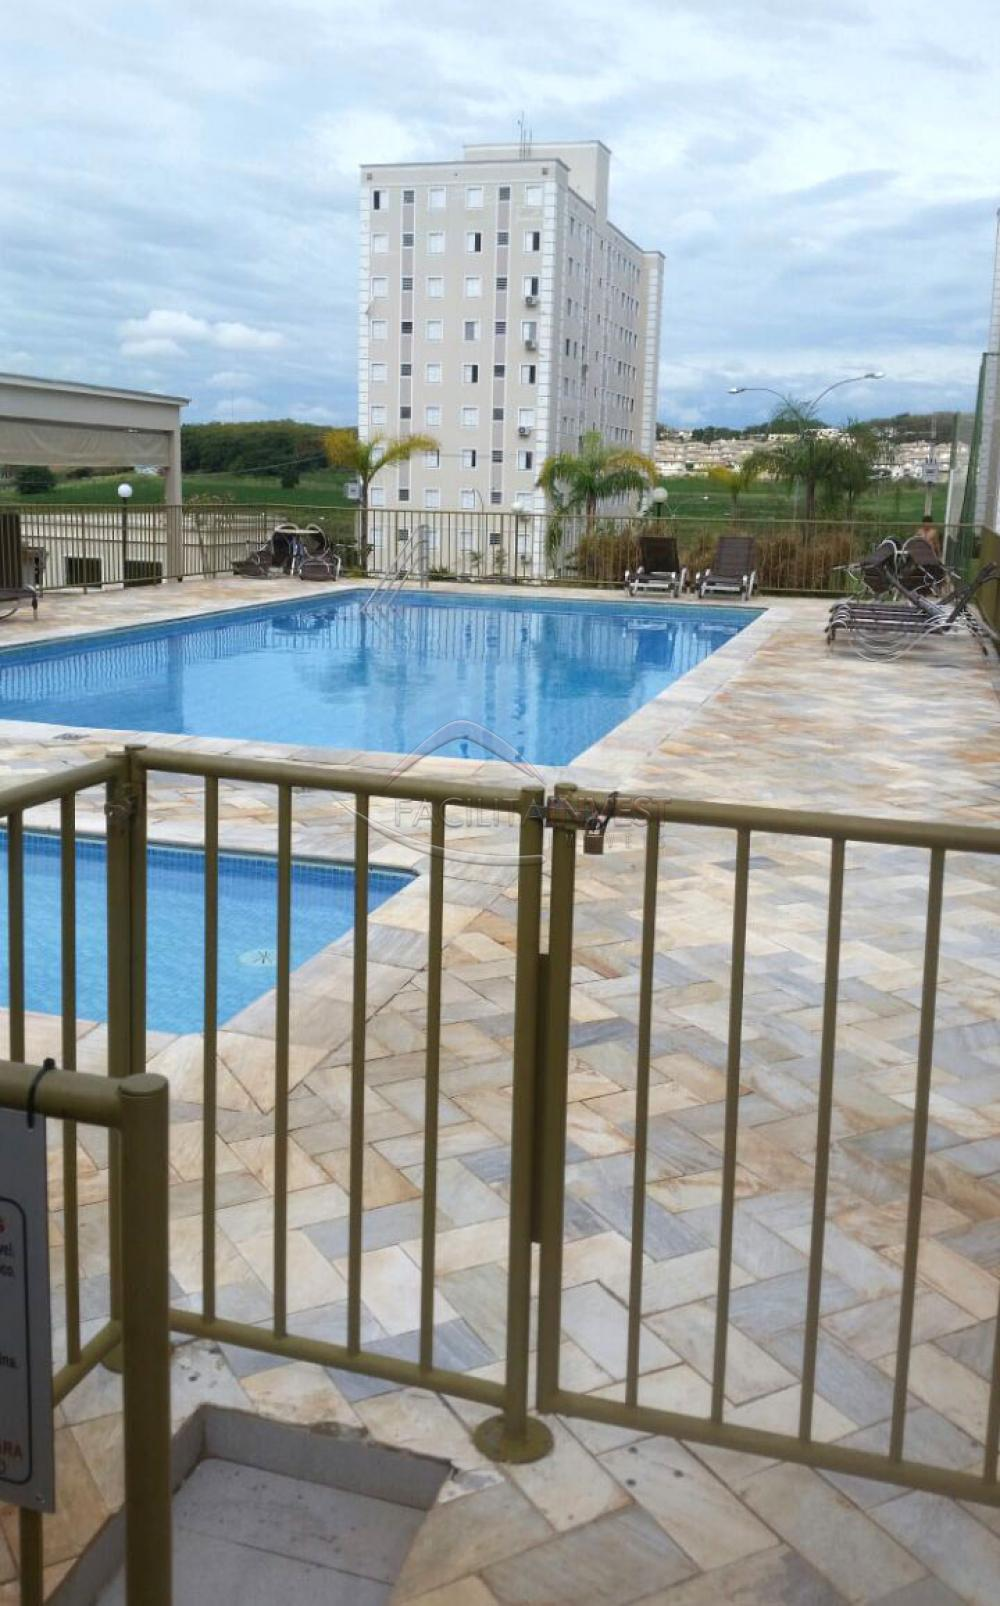 Comprar Apartamentos / Apart. Padrão em Ribeirão Preto apenas R$ 170.000,00 - Foto 23